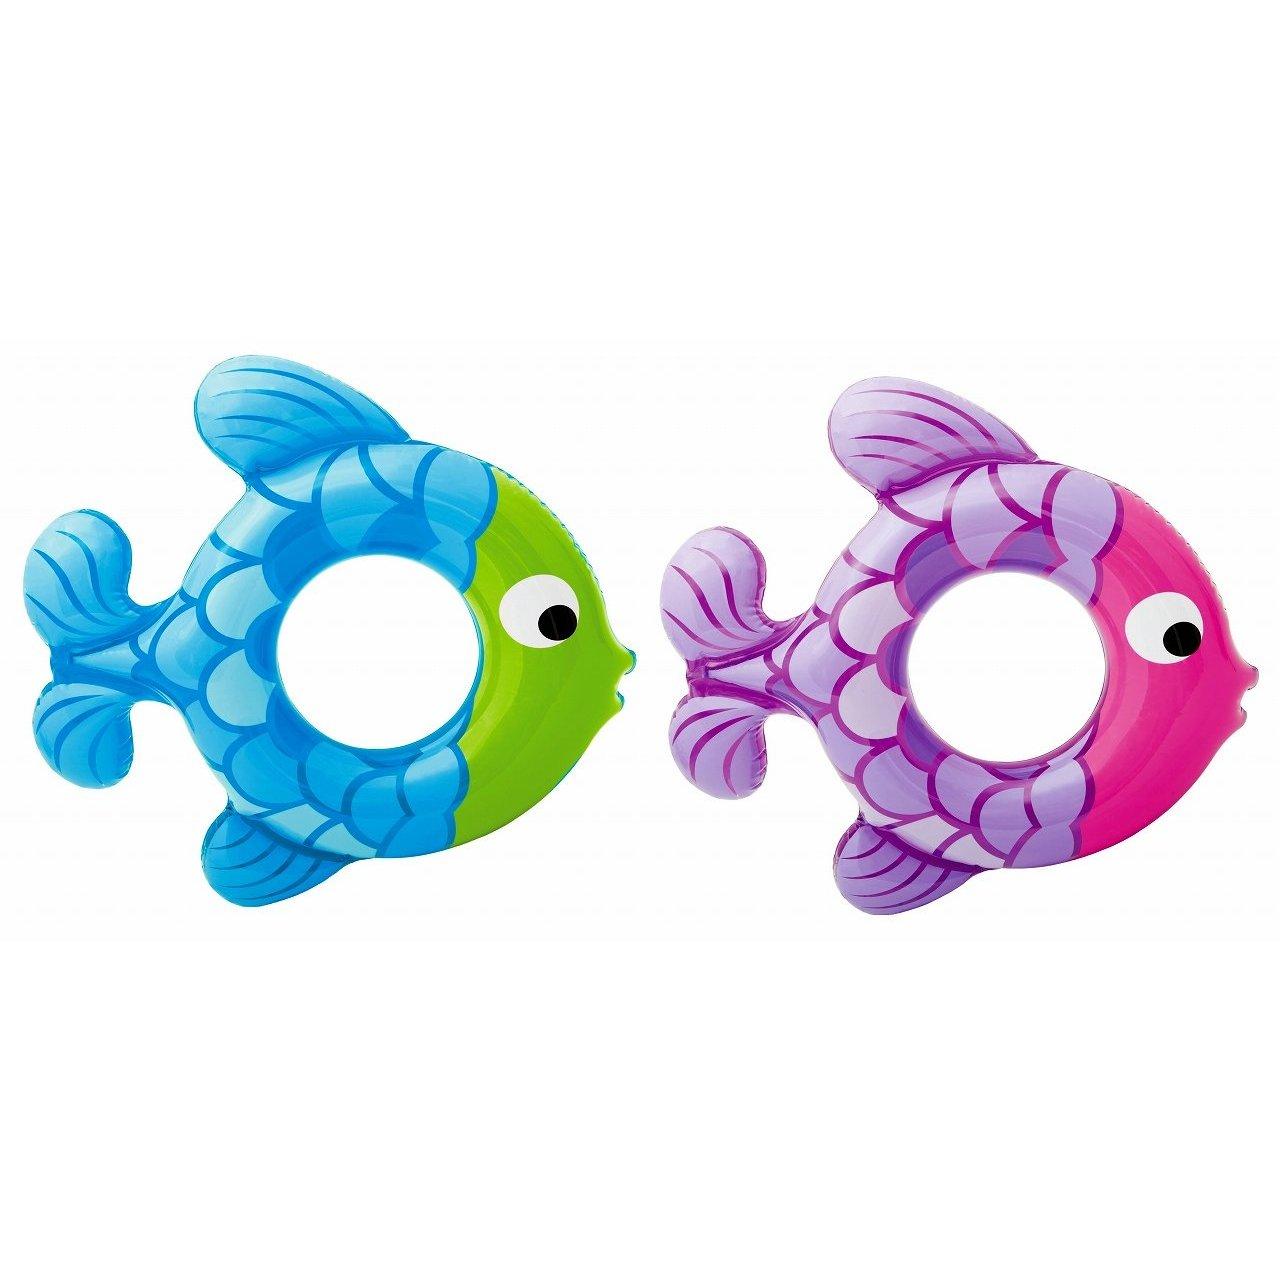 Круг надувной – Рыбка, 2 видаНадувные животные, круги и матрацы<br>Круг надувной – Рыбка, 2 вида<br>